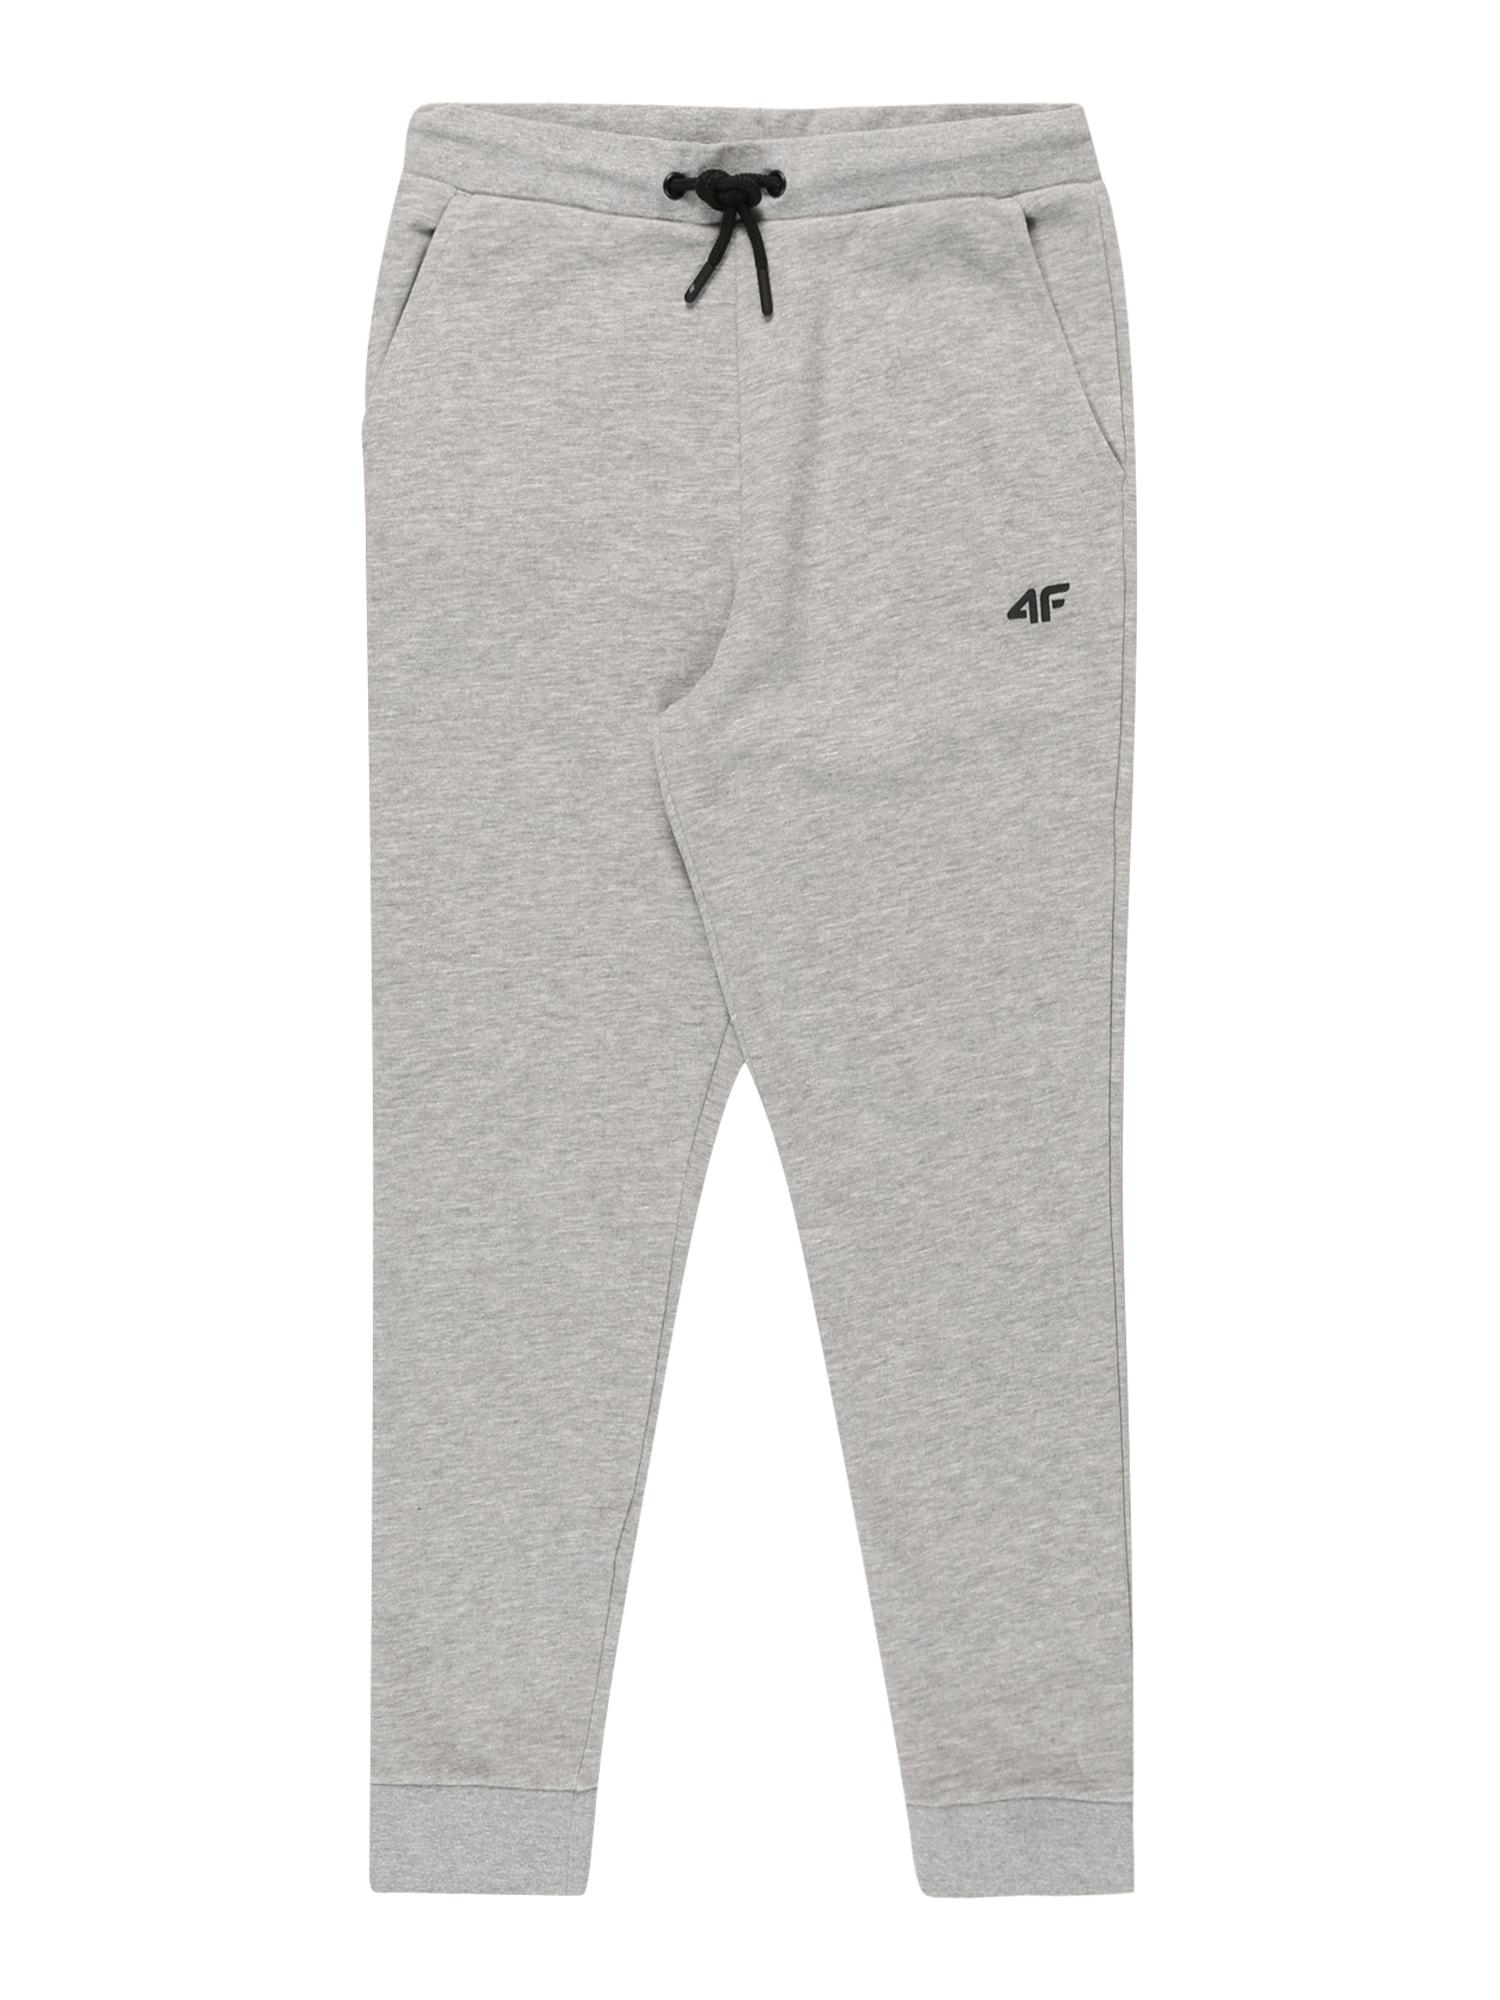 4F Sportinės kelnės šviesiai pilka / juoda